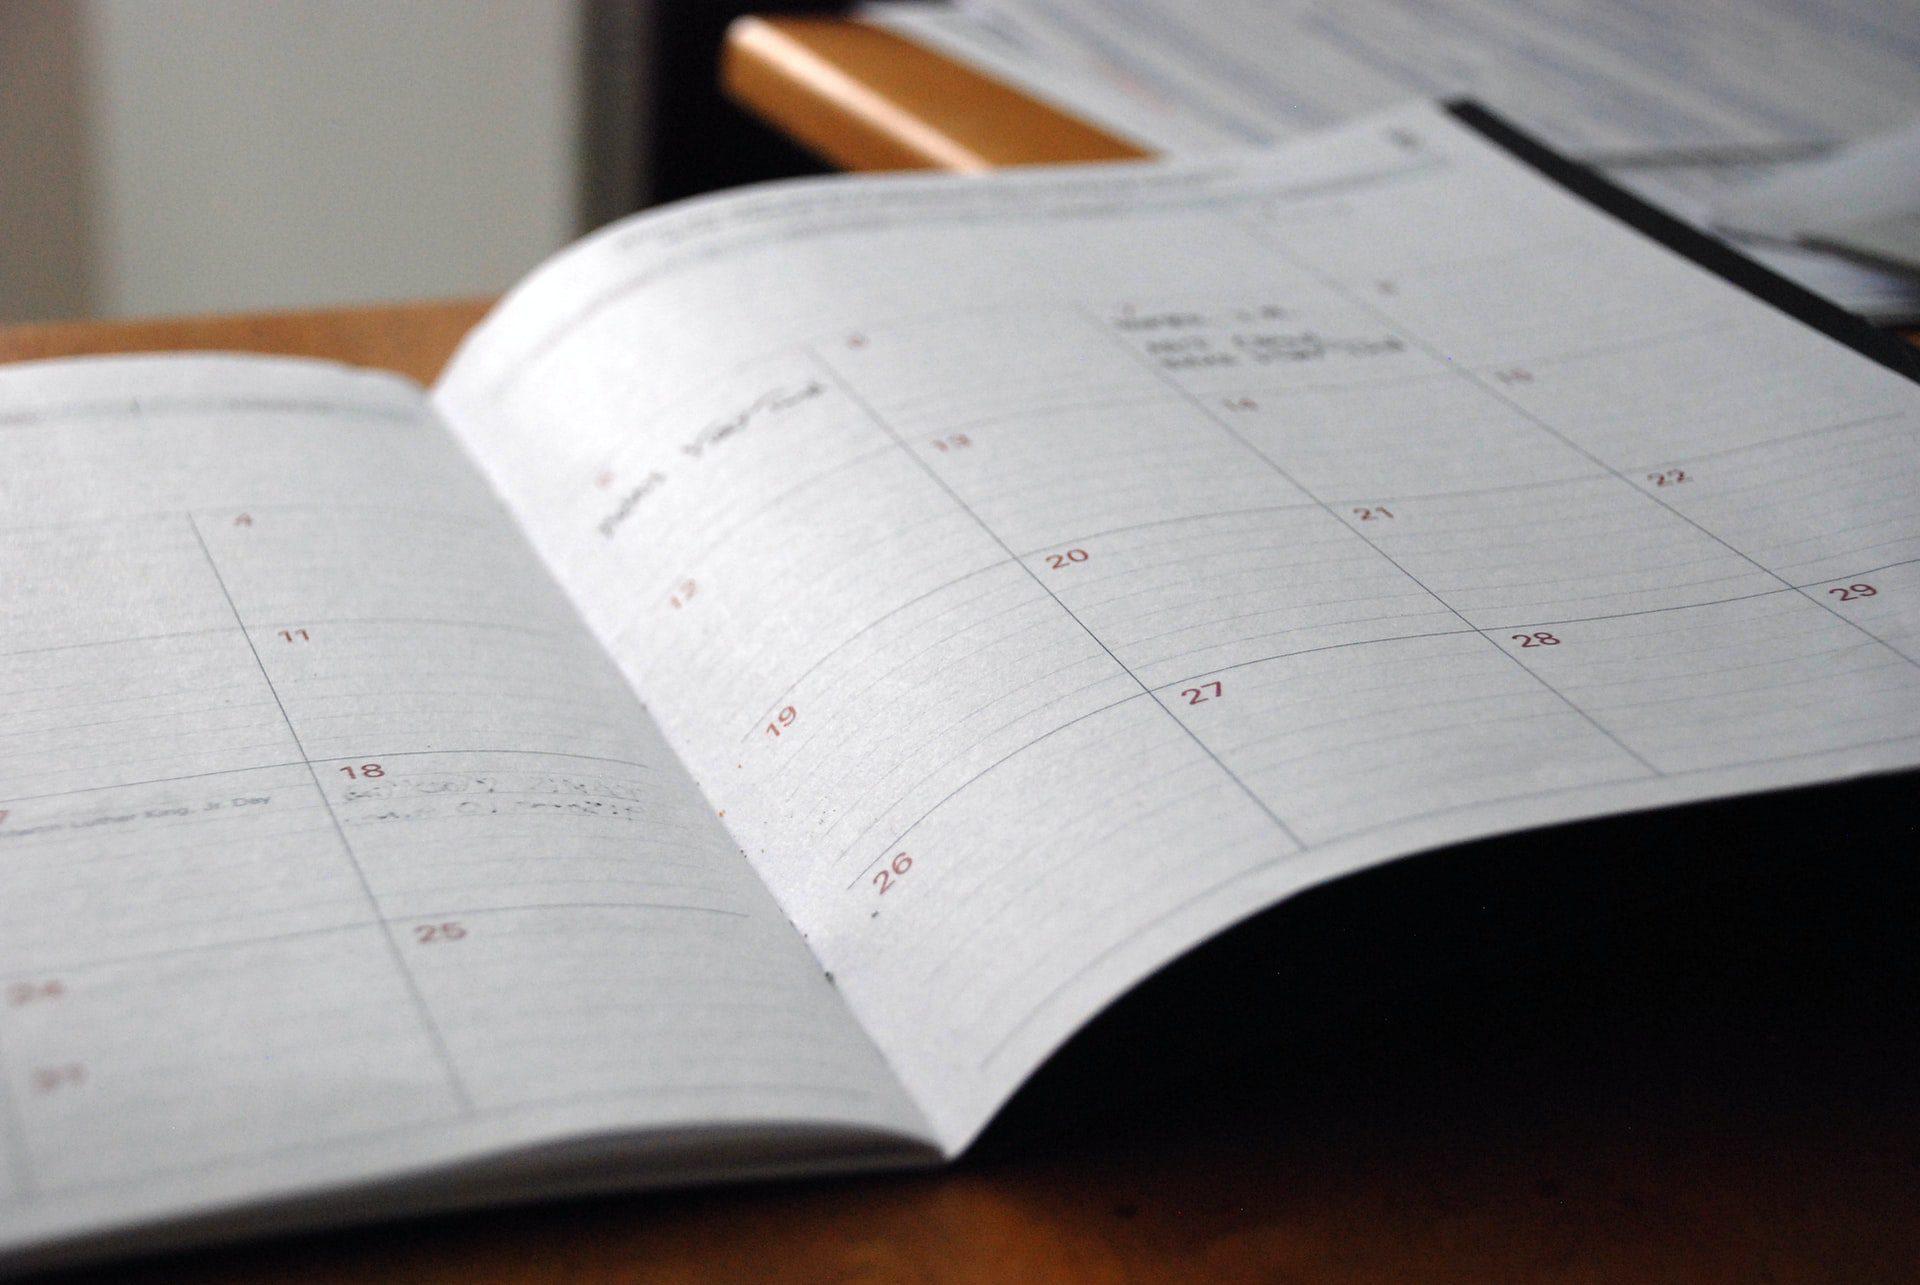 A calendar and schedule